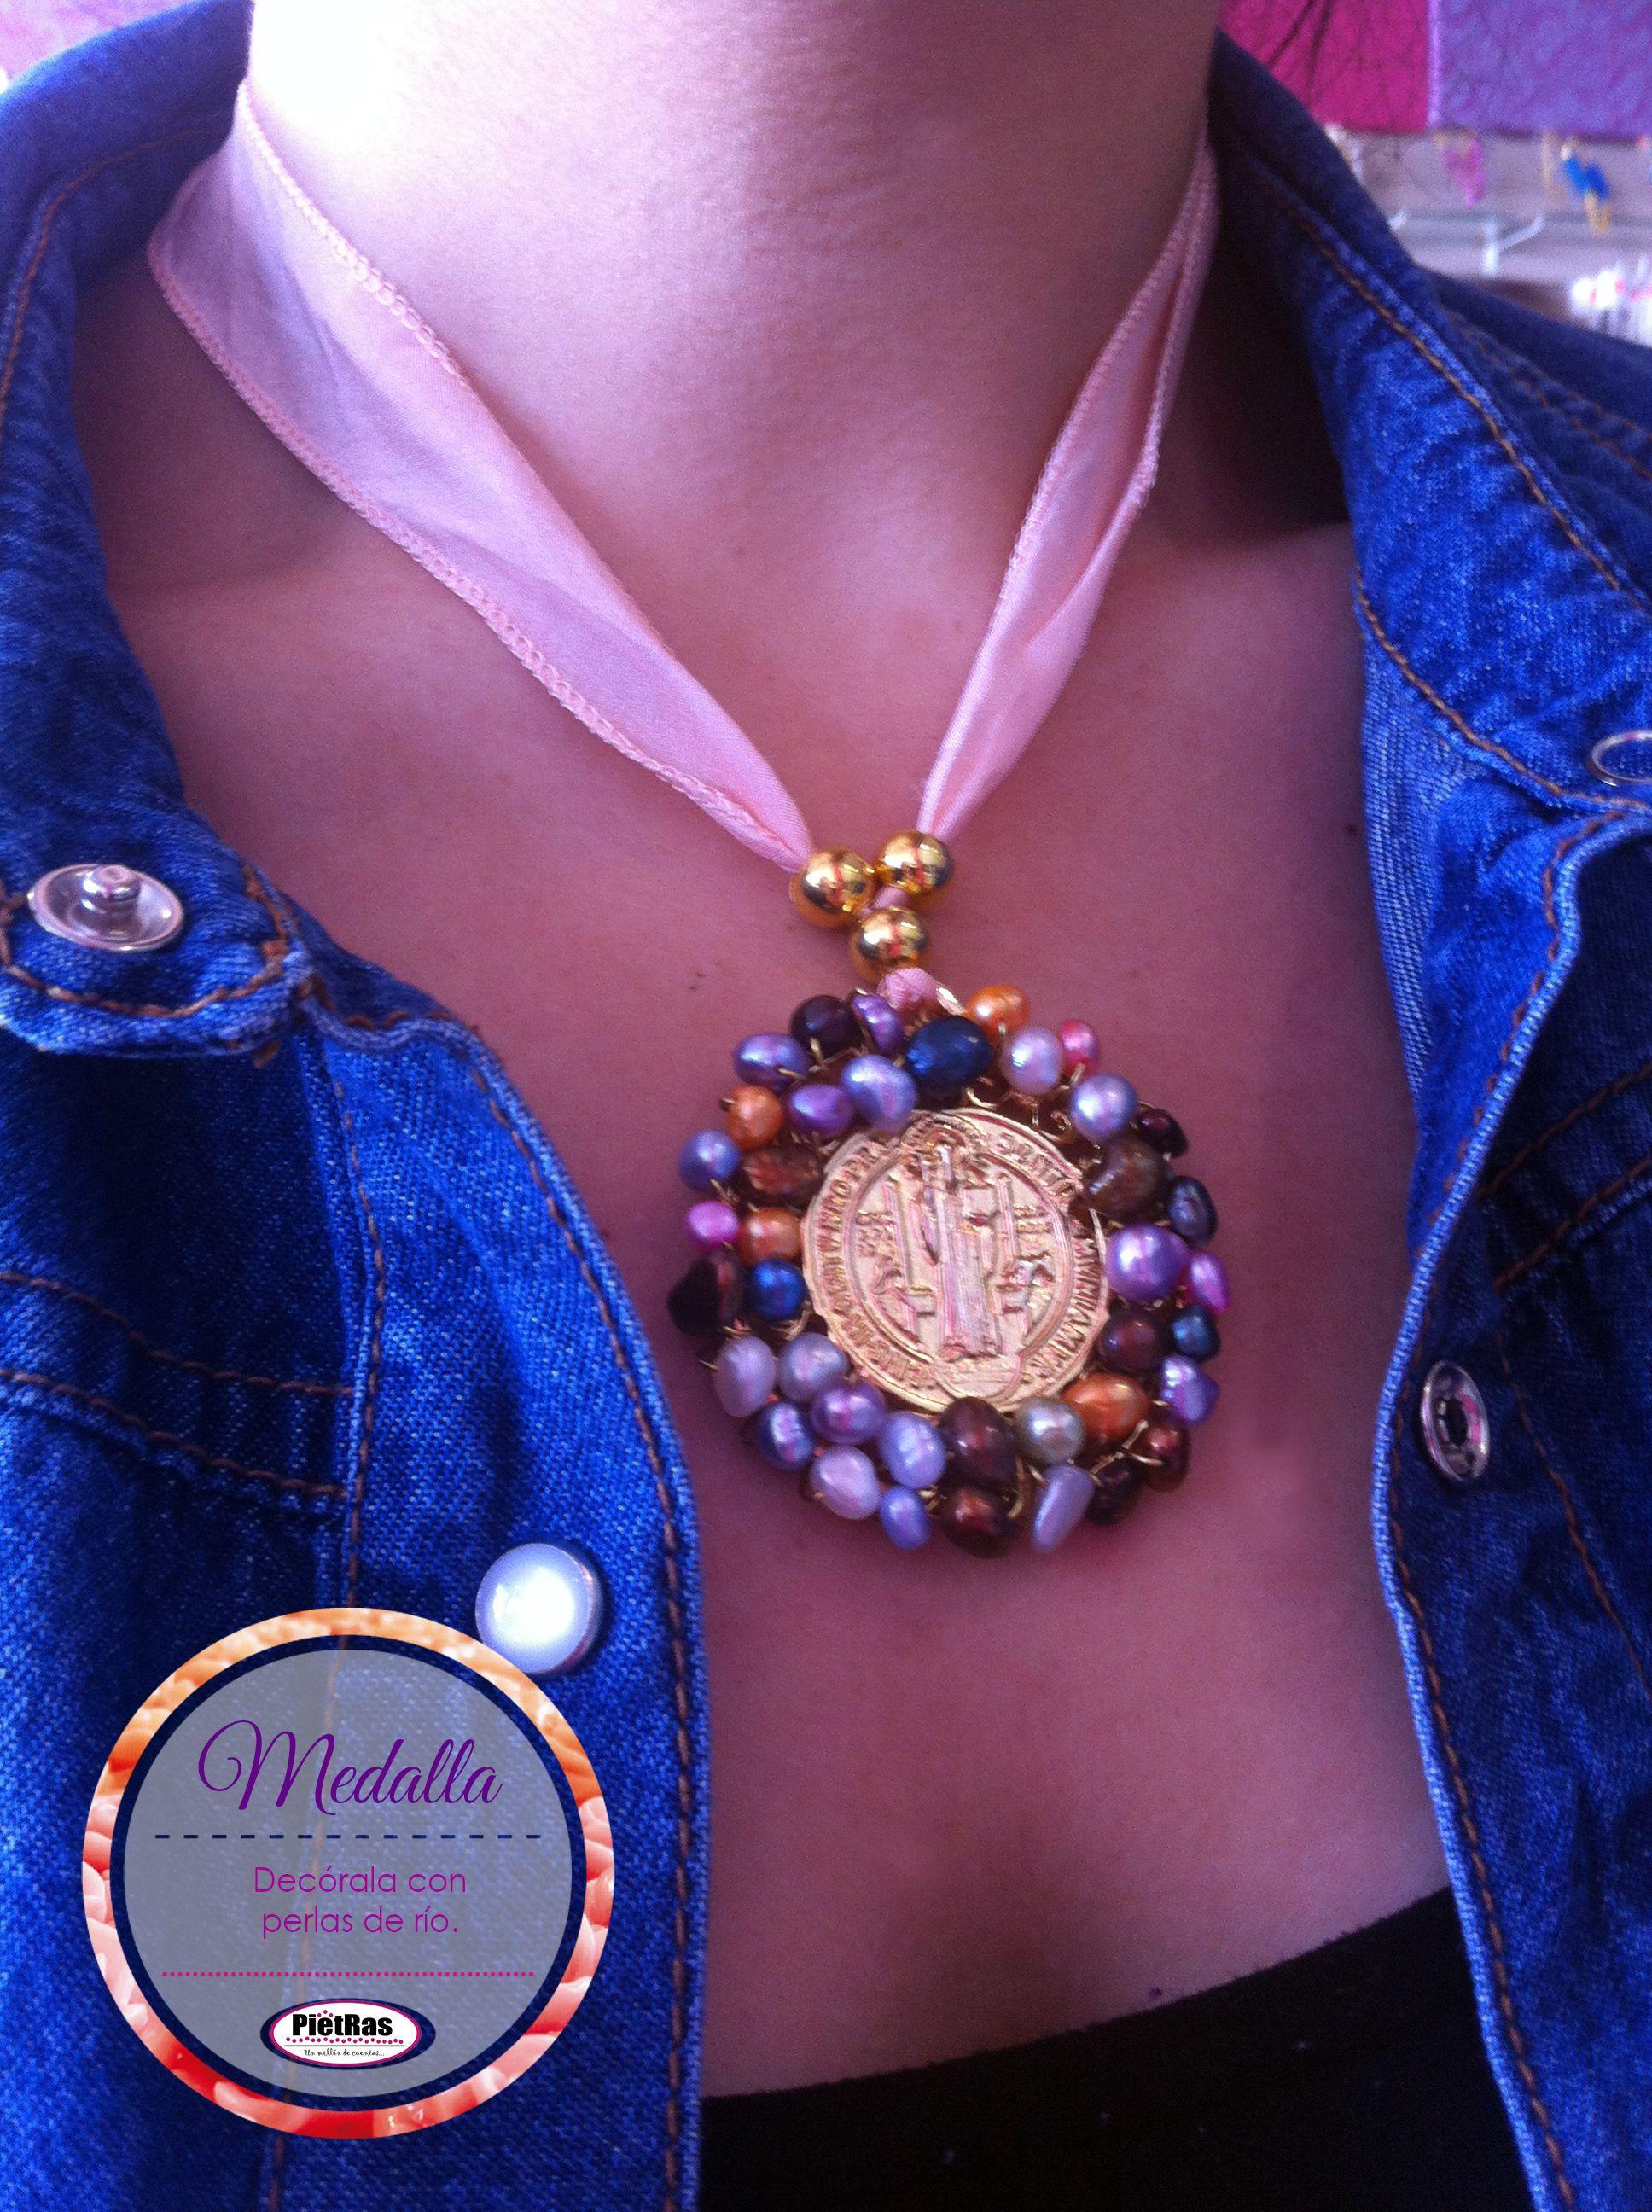 Armando Tu Propio Medallon De San Benito Con Cristales Joyeria Religiosa Collar Bisuteria Aretes